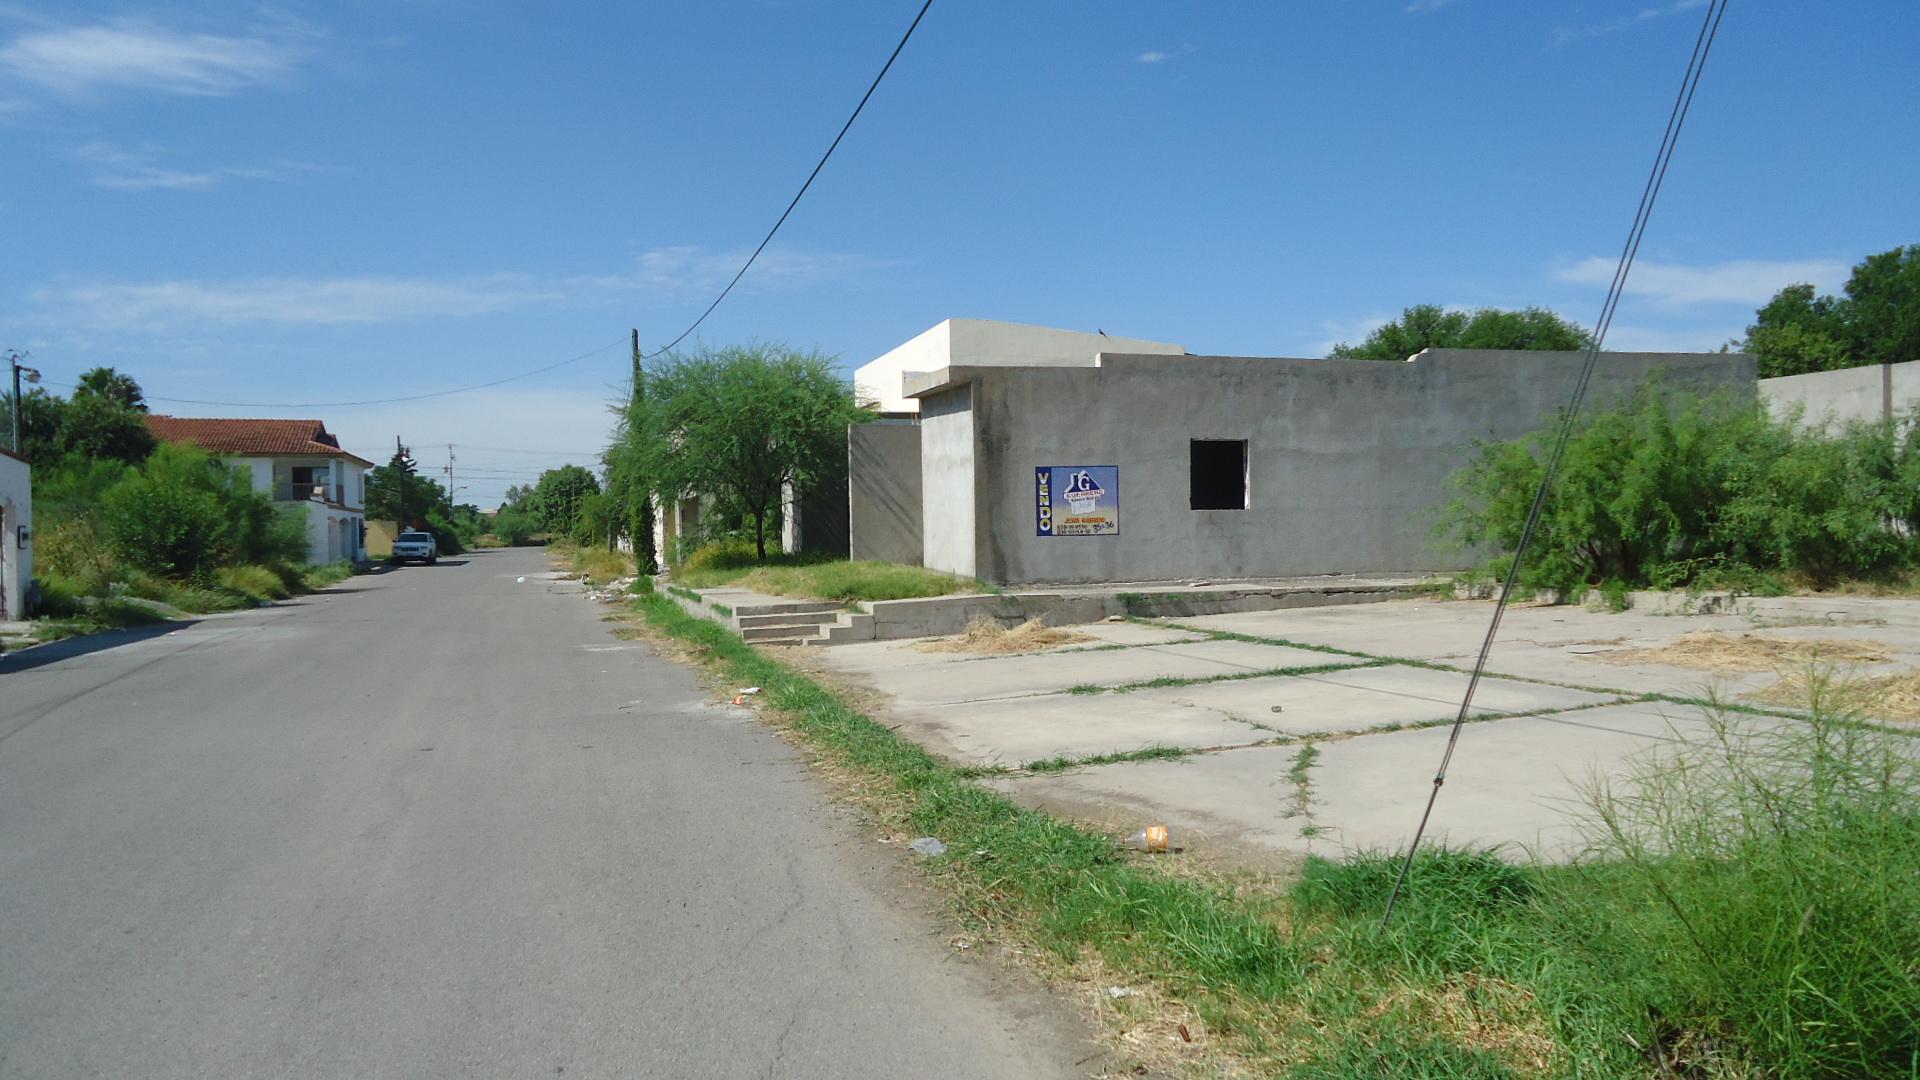 VENTA DE TERRENO CON CONSTRUCCIÓN EN OBRA NEGRA EN C. PALAÚ ESQ. CON CALZADA DE LA RONDA, PIEDRAS NEGRAS COAHUILA (VC #12)